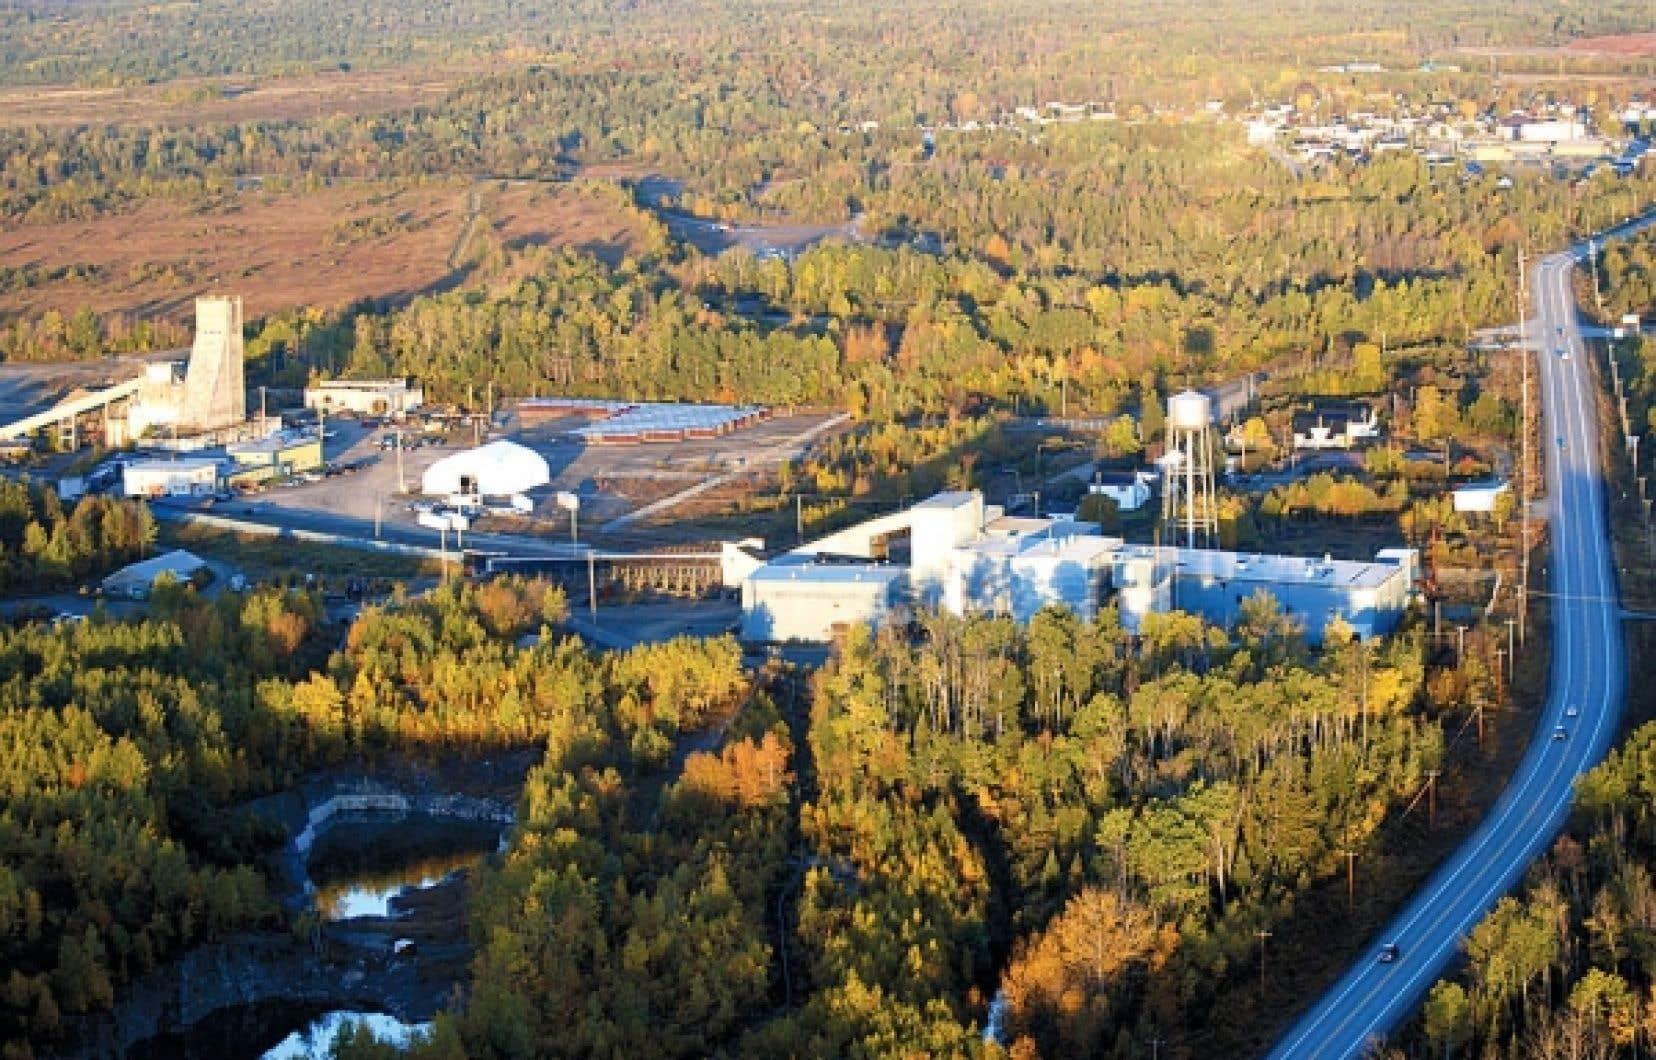 Le gouvernement du Québec investira dans certains projets touchant les ressources naturelles, tels des projets miniers.<br />